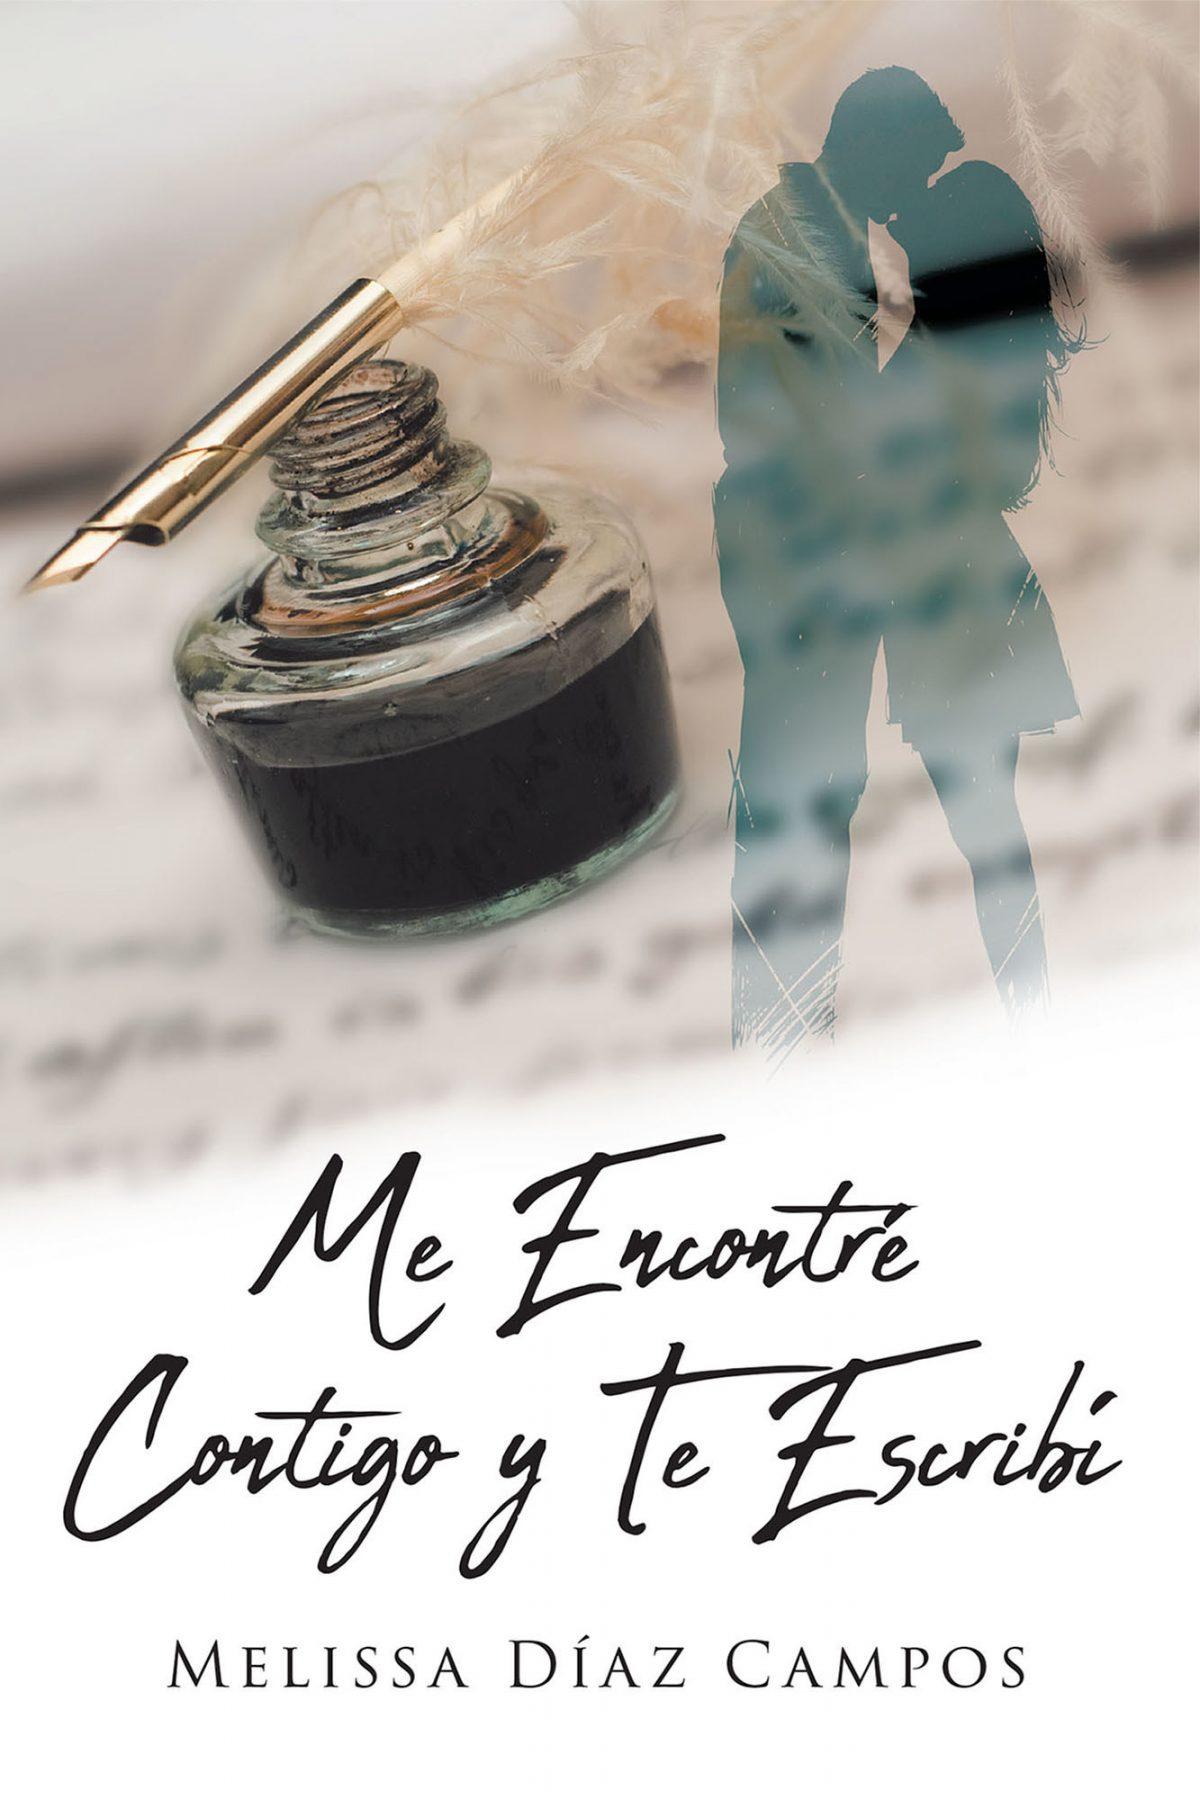 El nuevo libro de Melissa Díaz Campos, Me Encontré Contigo y Te Escribí, un manjar poético de sensaciones vibrantes